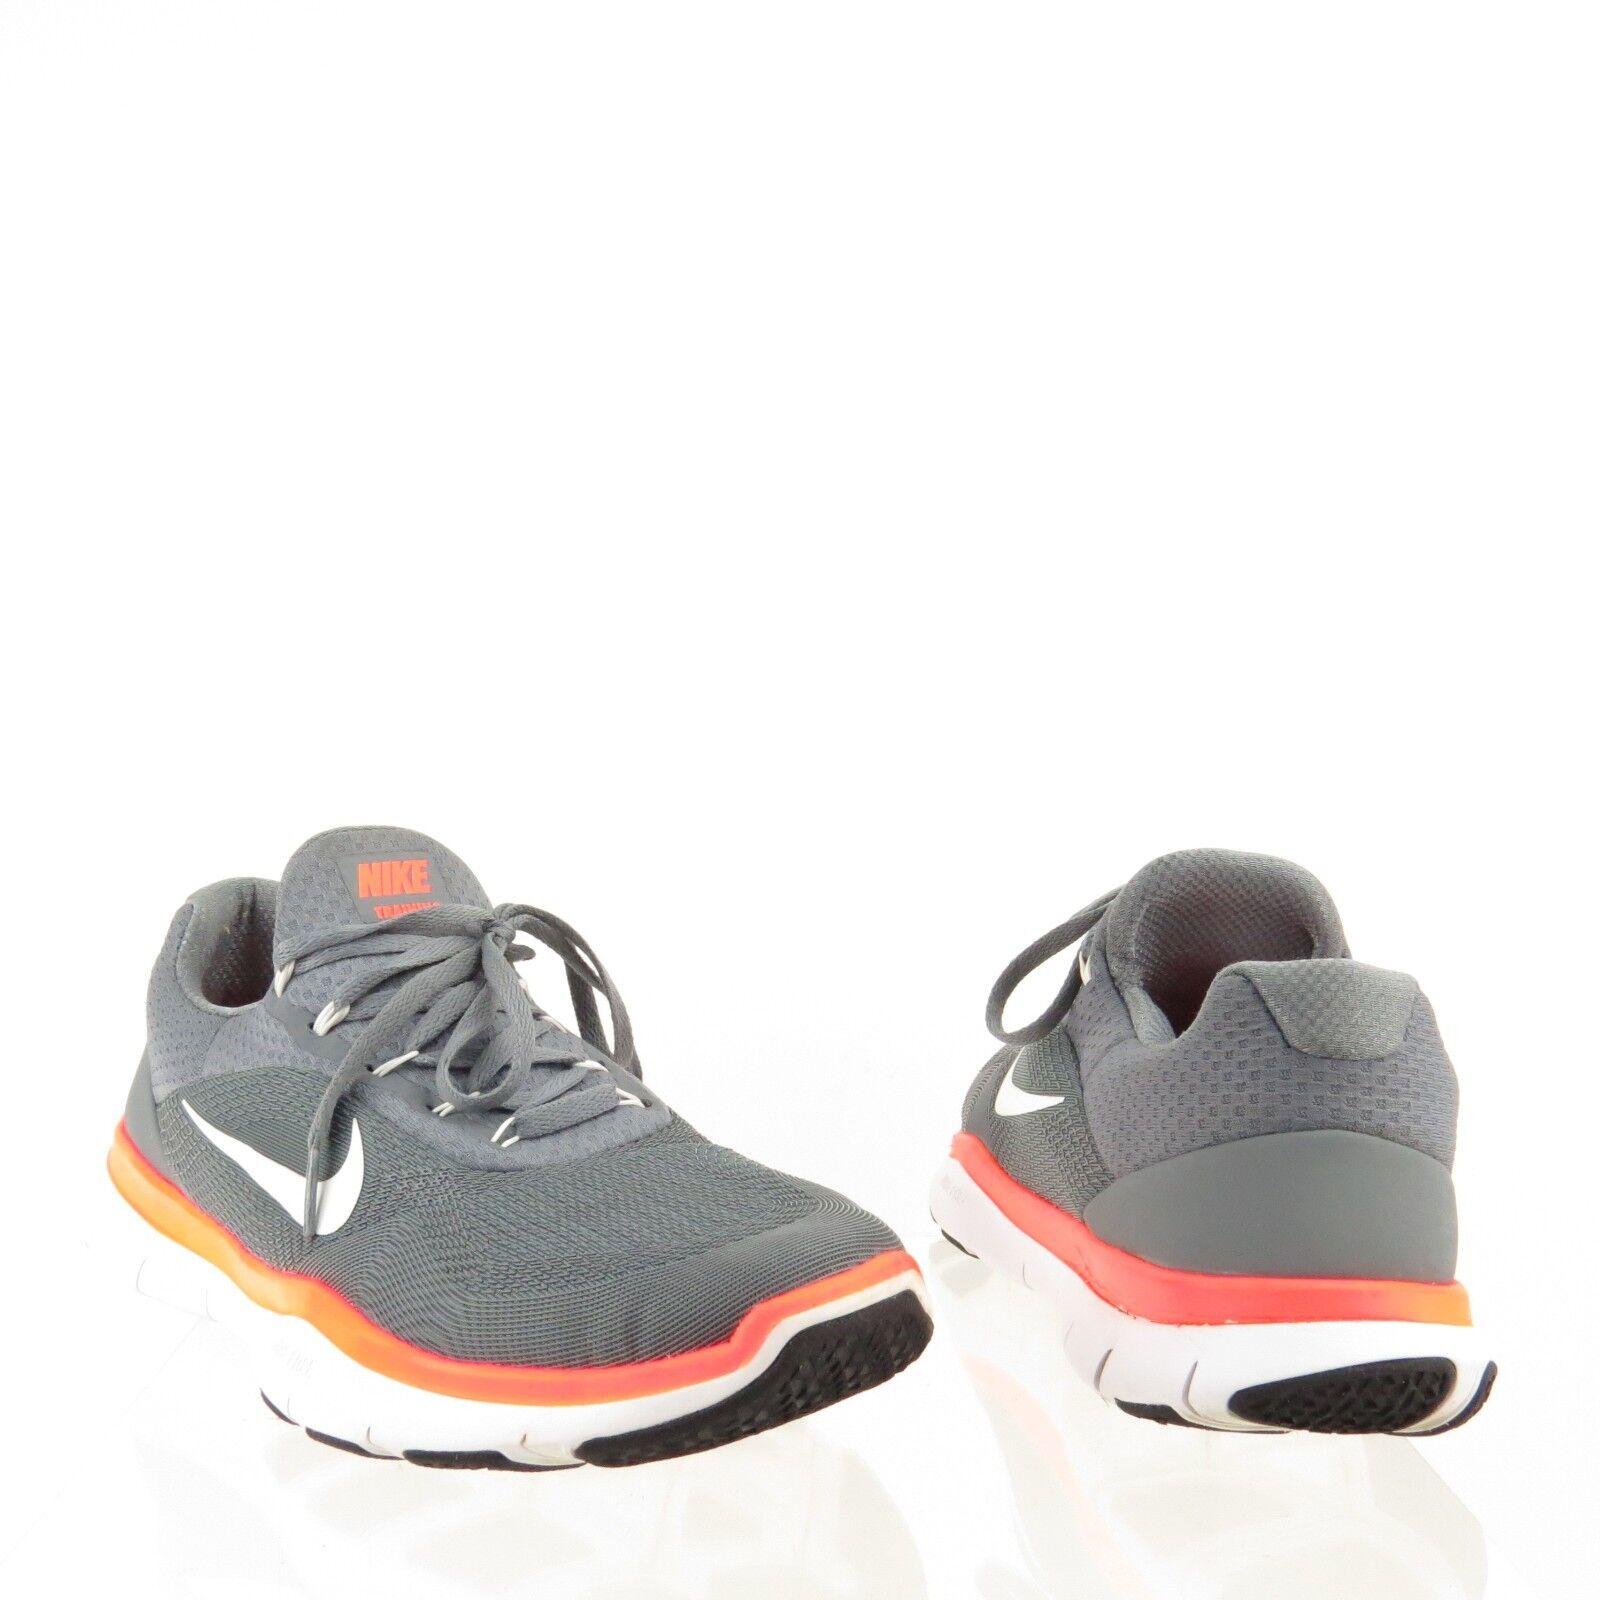 sports shoes b2985 6242c ... discount code for los hombres de nike free trainer v7 zapatos gris  zapatillas naranja sintético liquidación